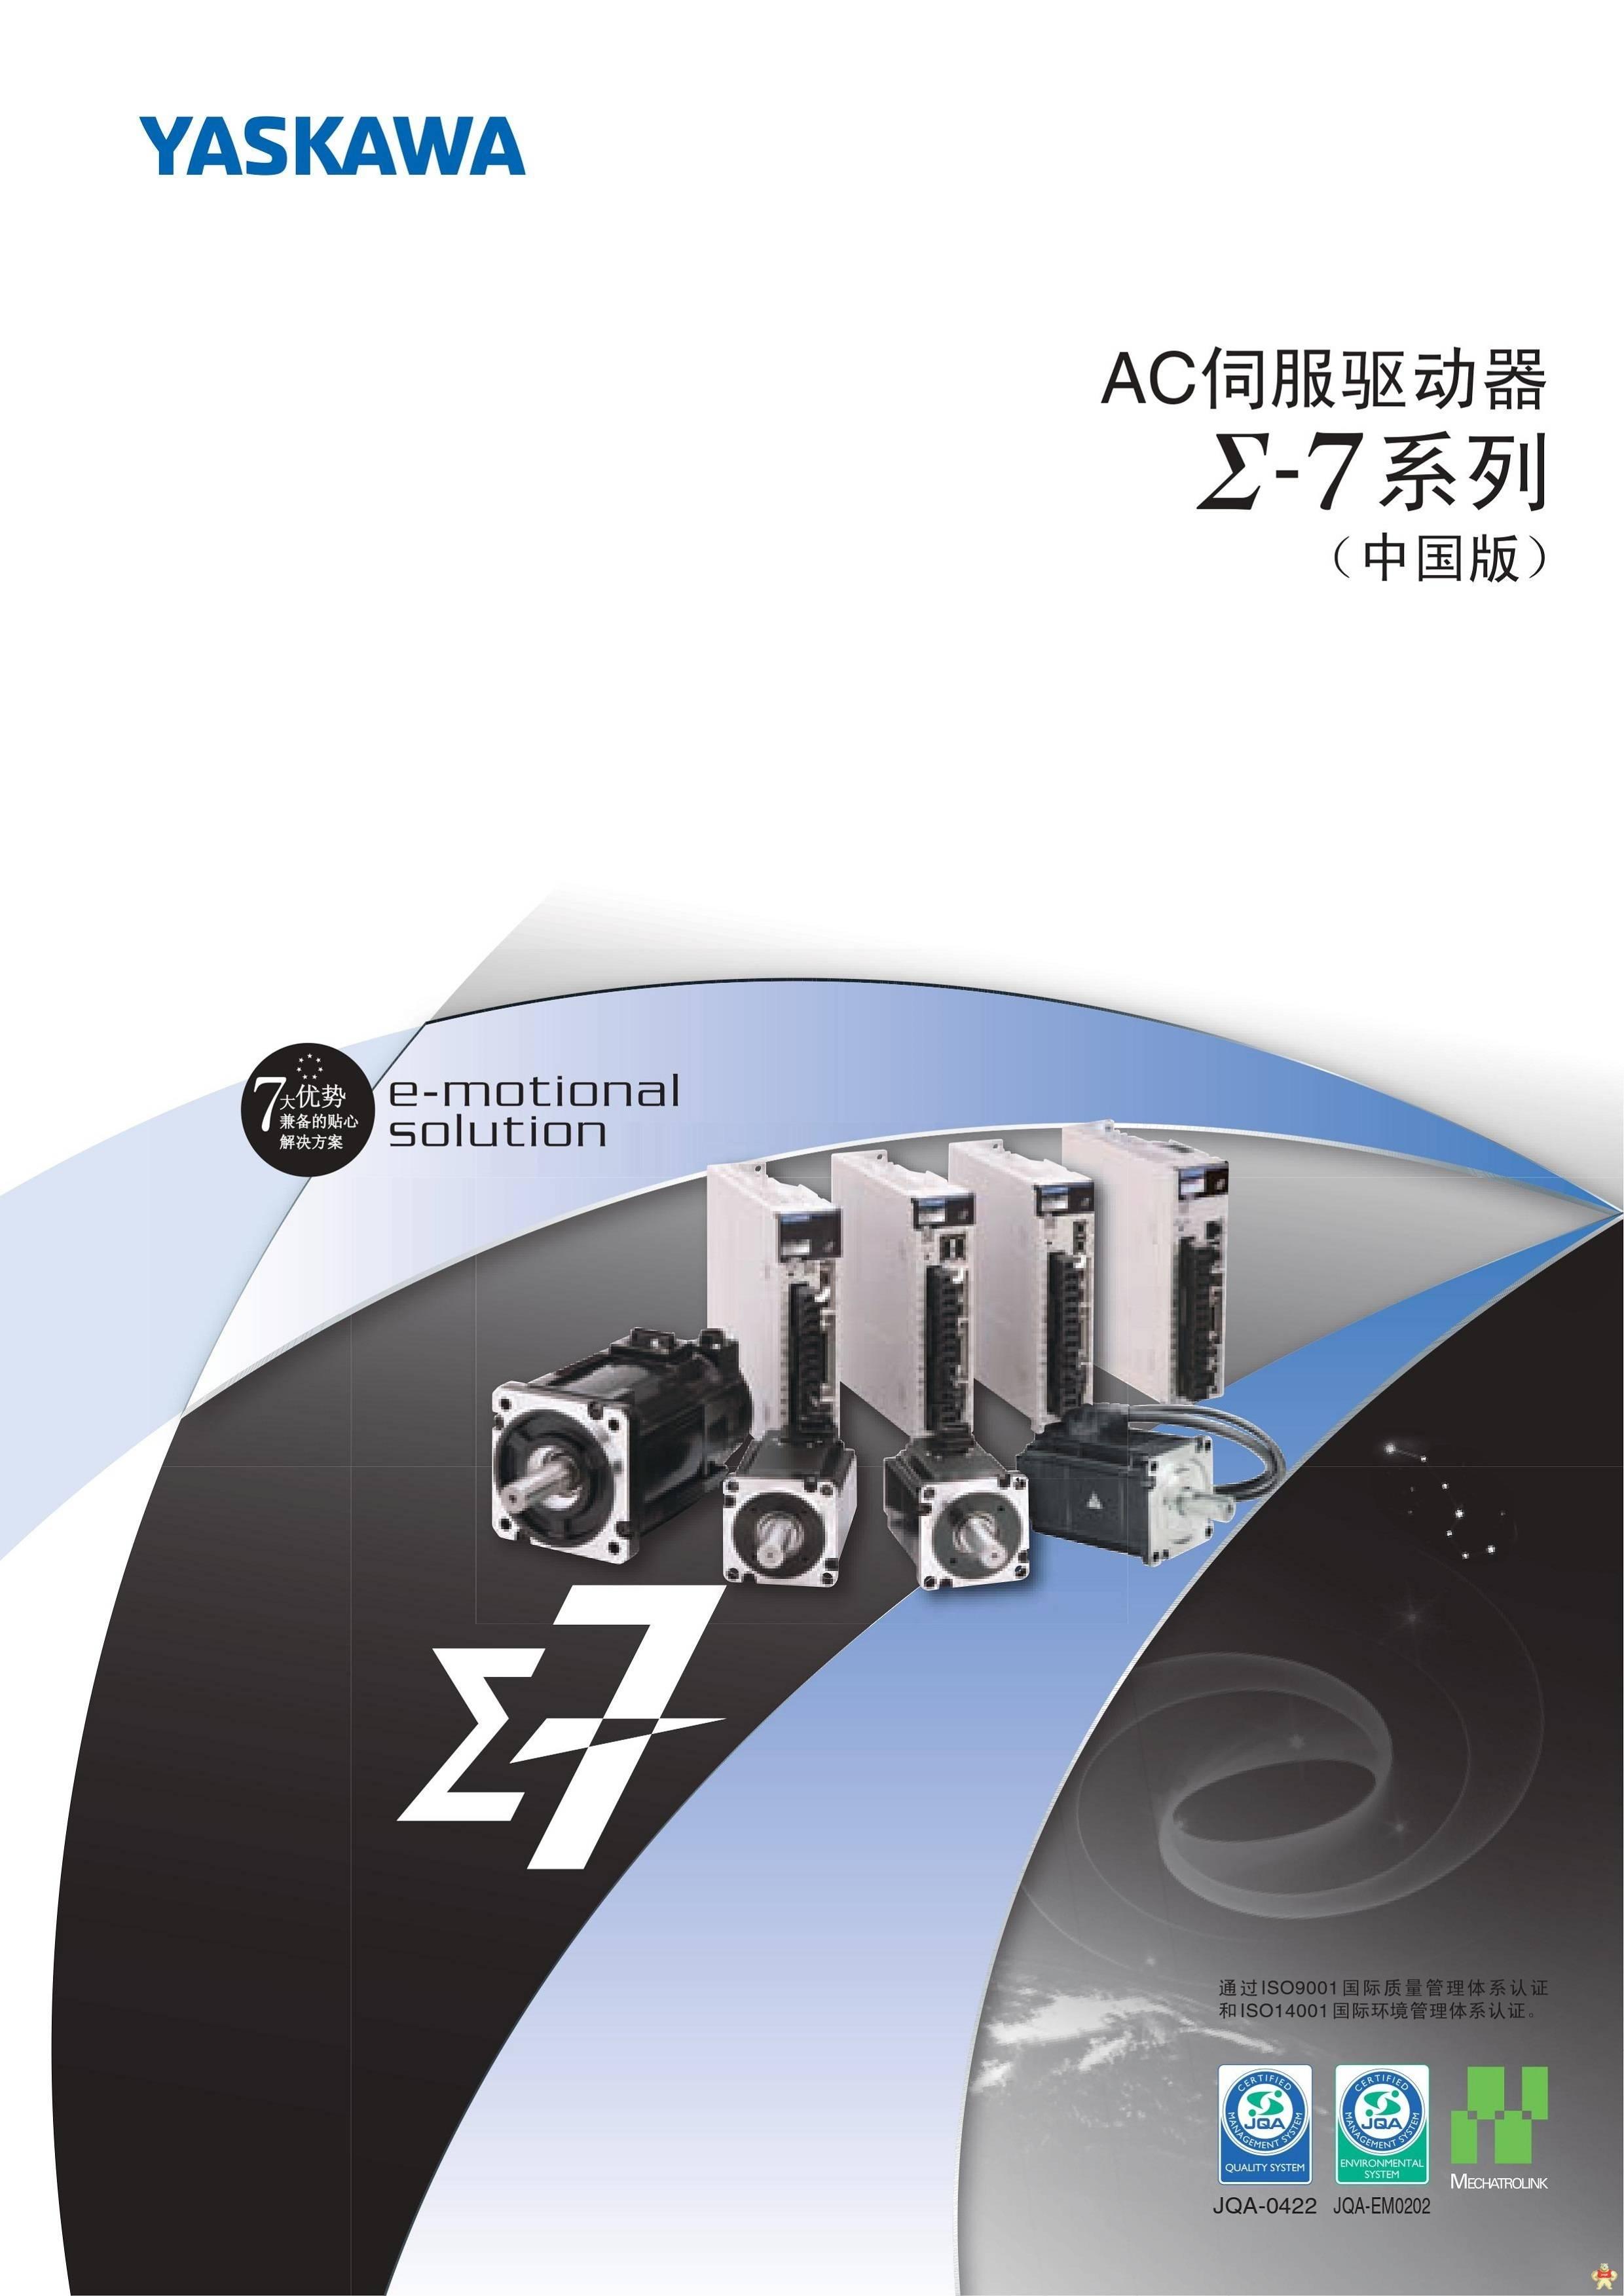 供应原装安川伺服电机SGM7J-01AFC6E+SGD7S-R90A00A002安川伺服驱动器 伺服电机,伺服驱动器,电机安川,安川驱动器,安川